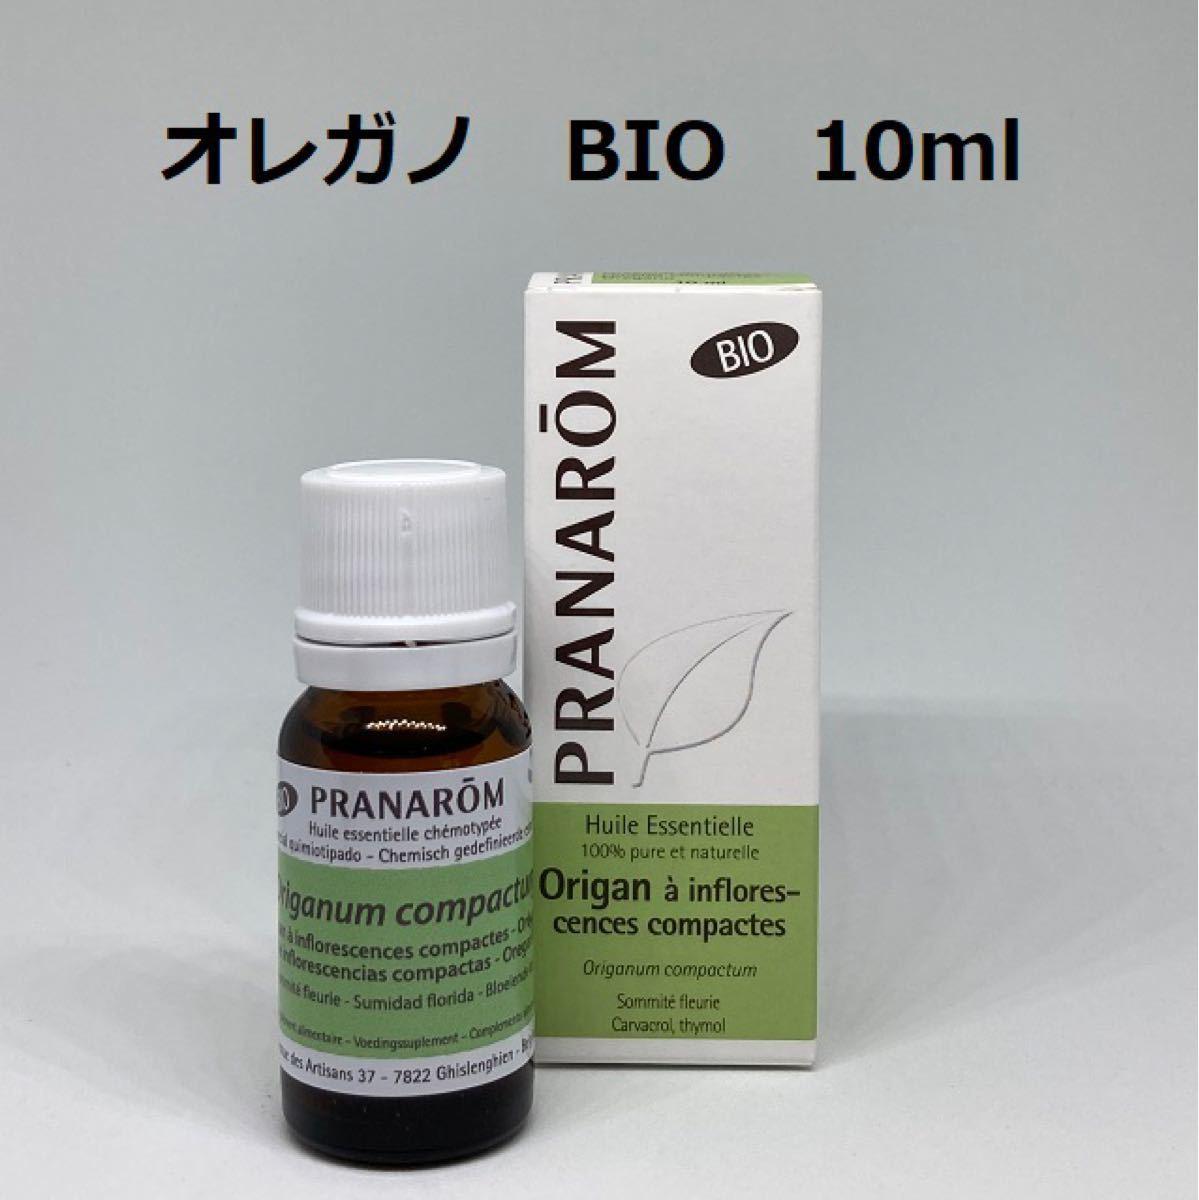 プラナロム オレガノ BIO 10ml 精油 PRANAROM